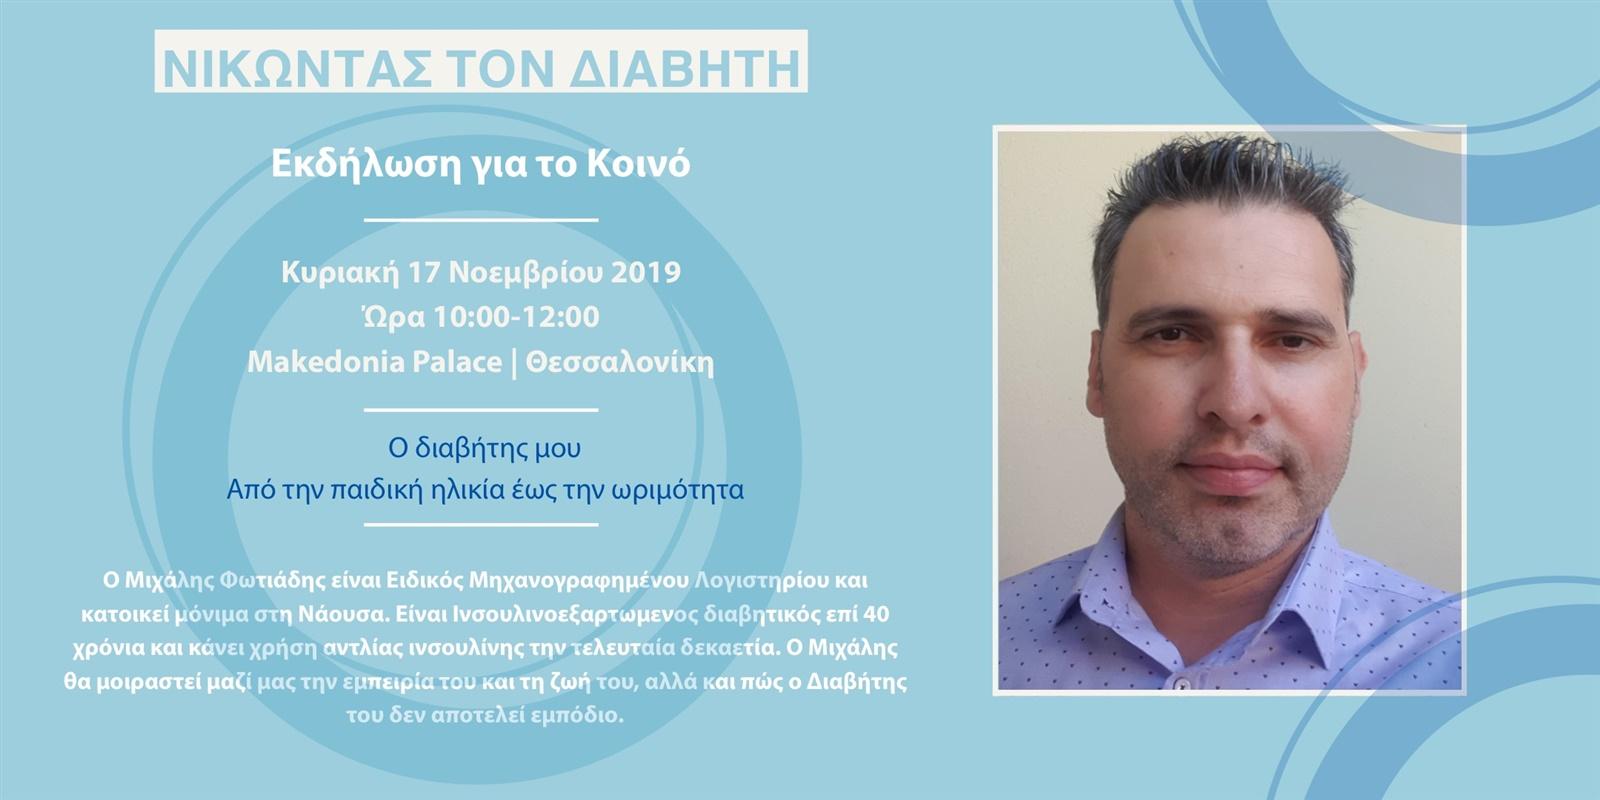 Νικώντας τον Διαβήτη! 33ο Πανελλήνιο Συνέδριο της Ελληνικής Εταιρείας Μελέτης & Εκπαίδευσης για τον Σακχαρώδη Διαβήτη